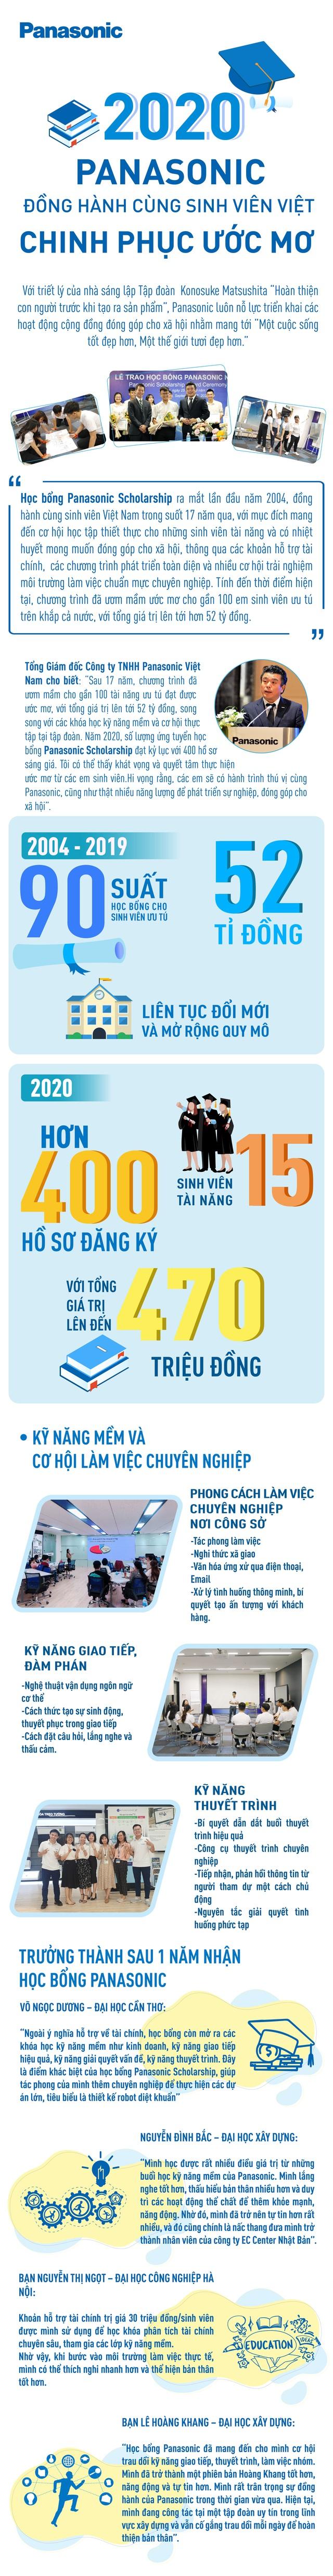 Panasonic đồng hành cùng sinh viên Việt chinh phục ước mơ - ảnh 1